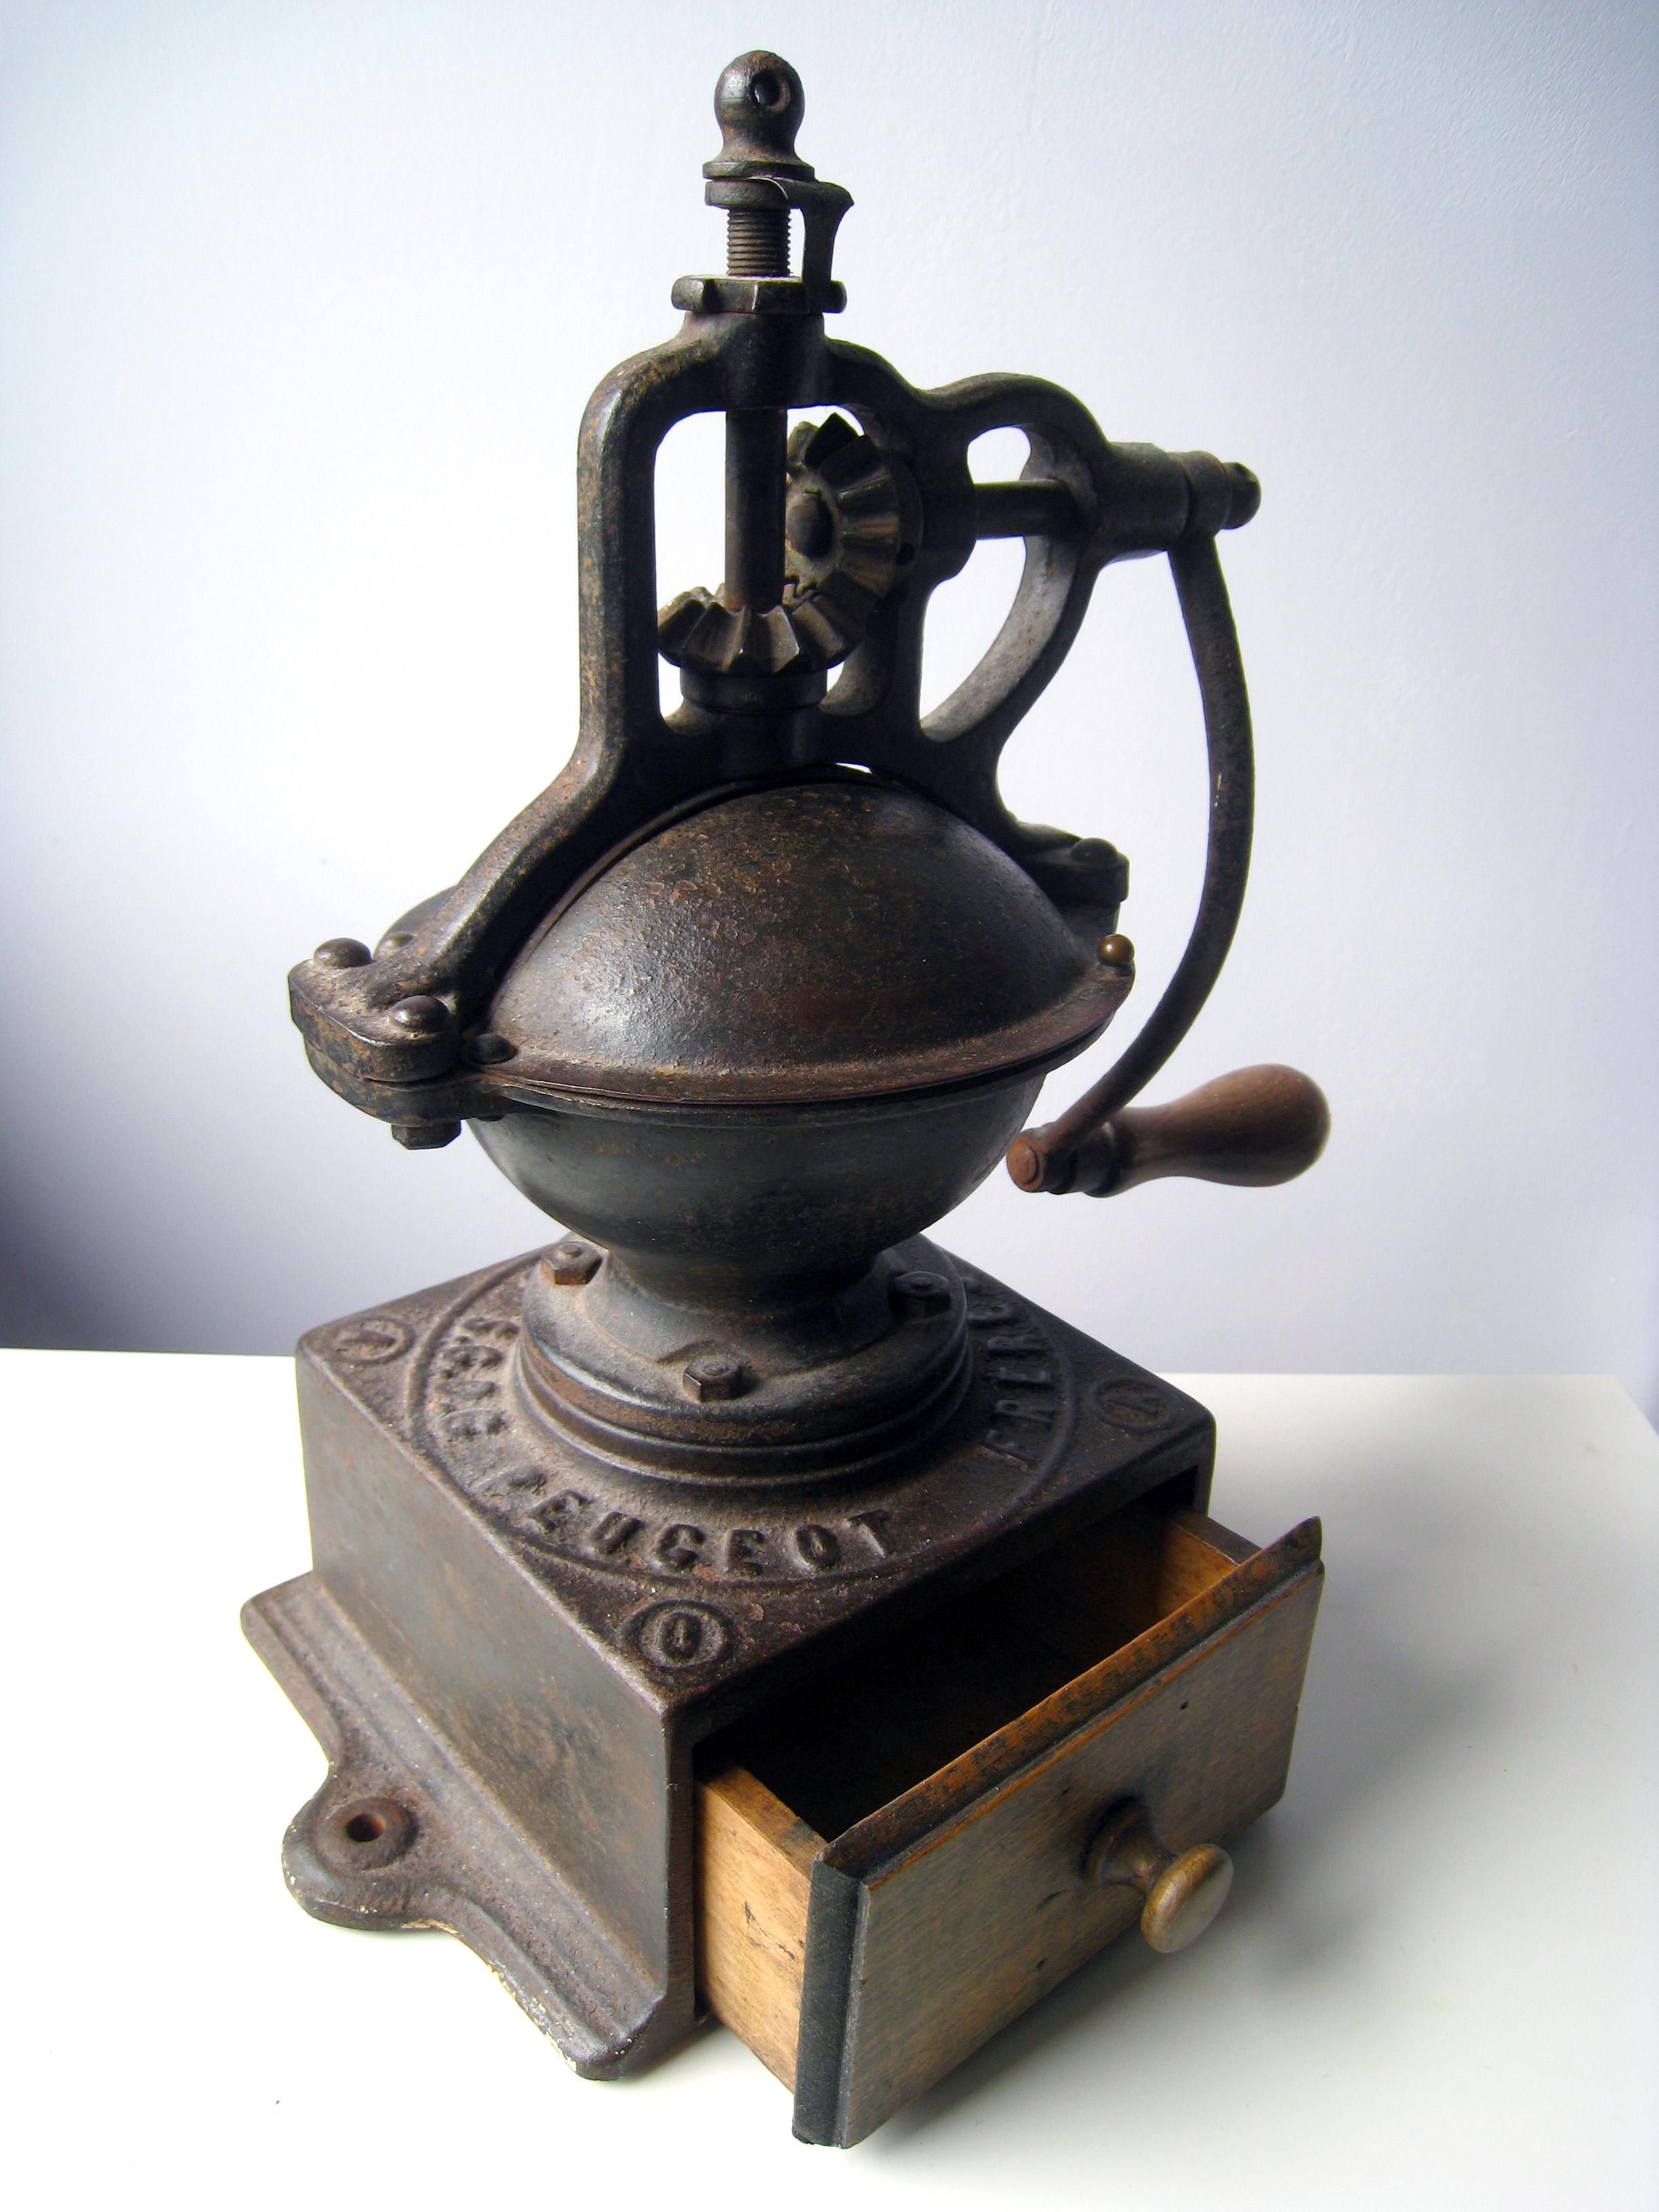 peugeot_coffee_grinder.jpg